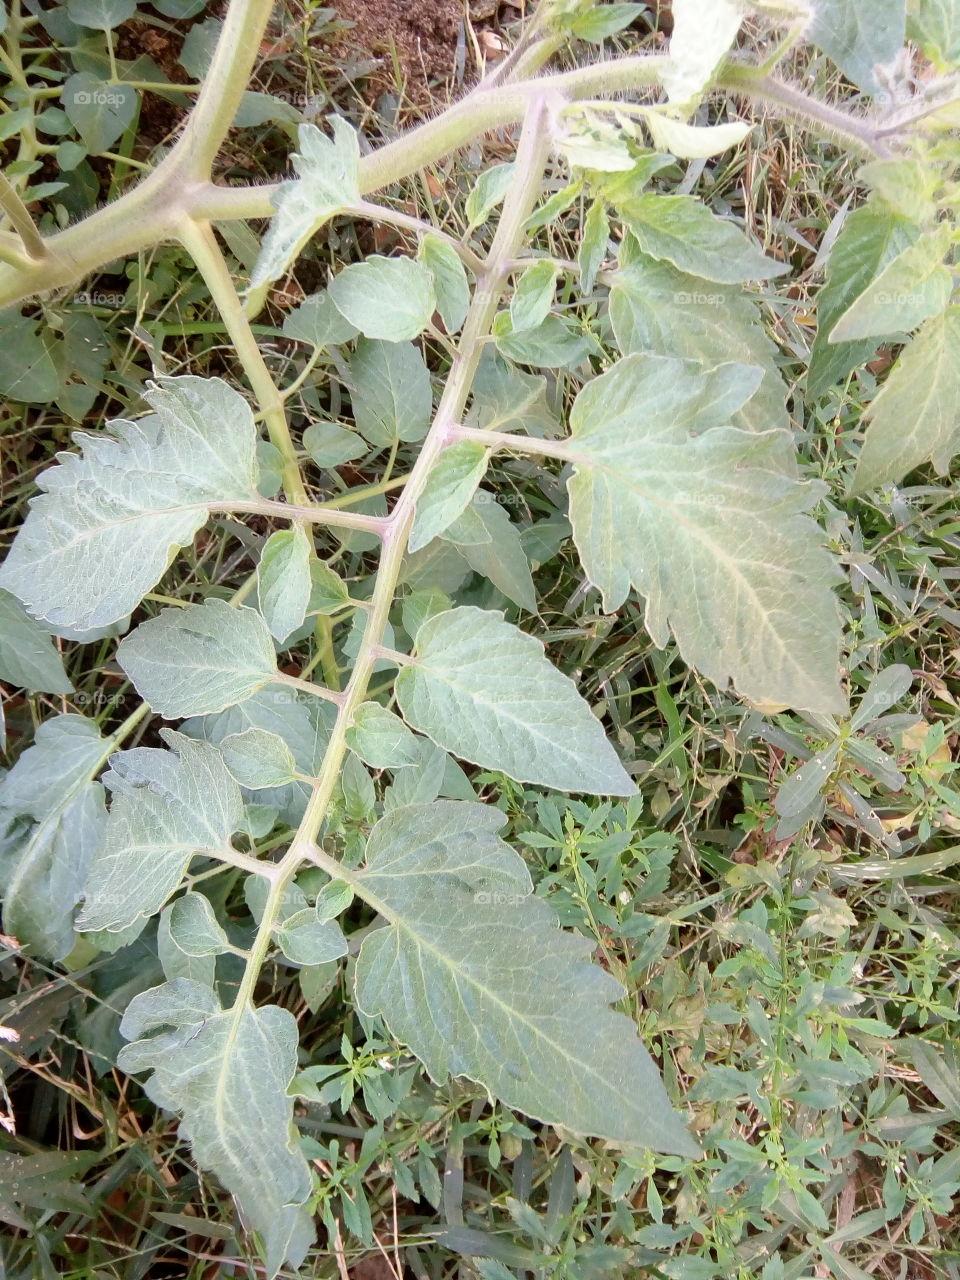 #আমার_চোখে #আমার_গ্রাম #nature  2018-01-08 08  leaf